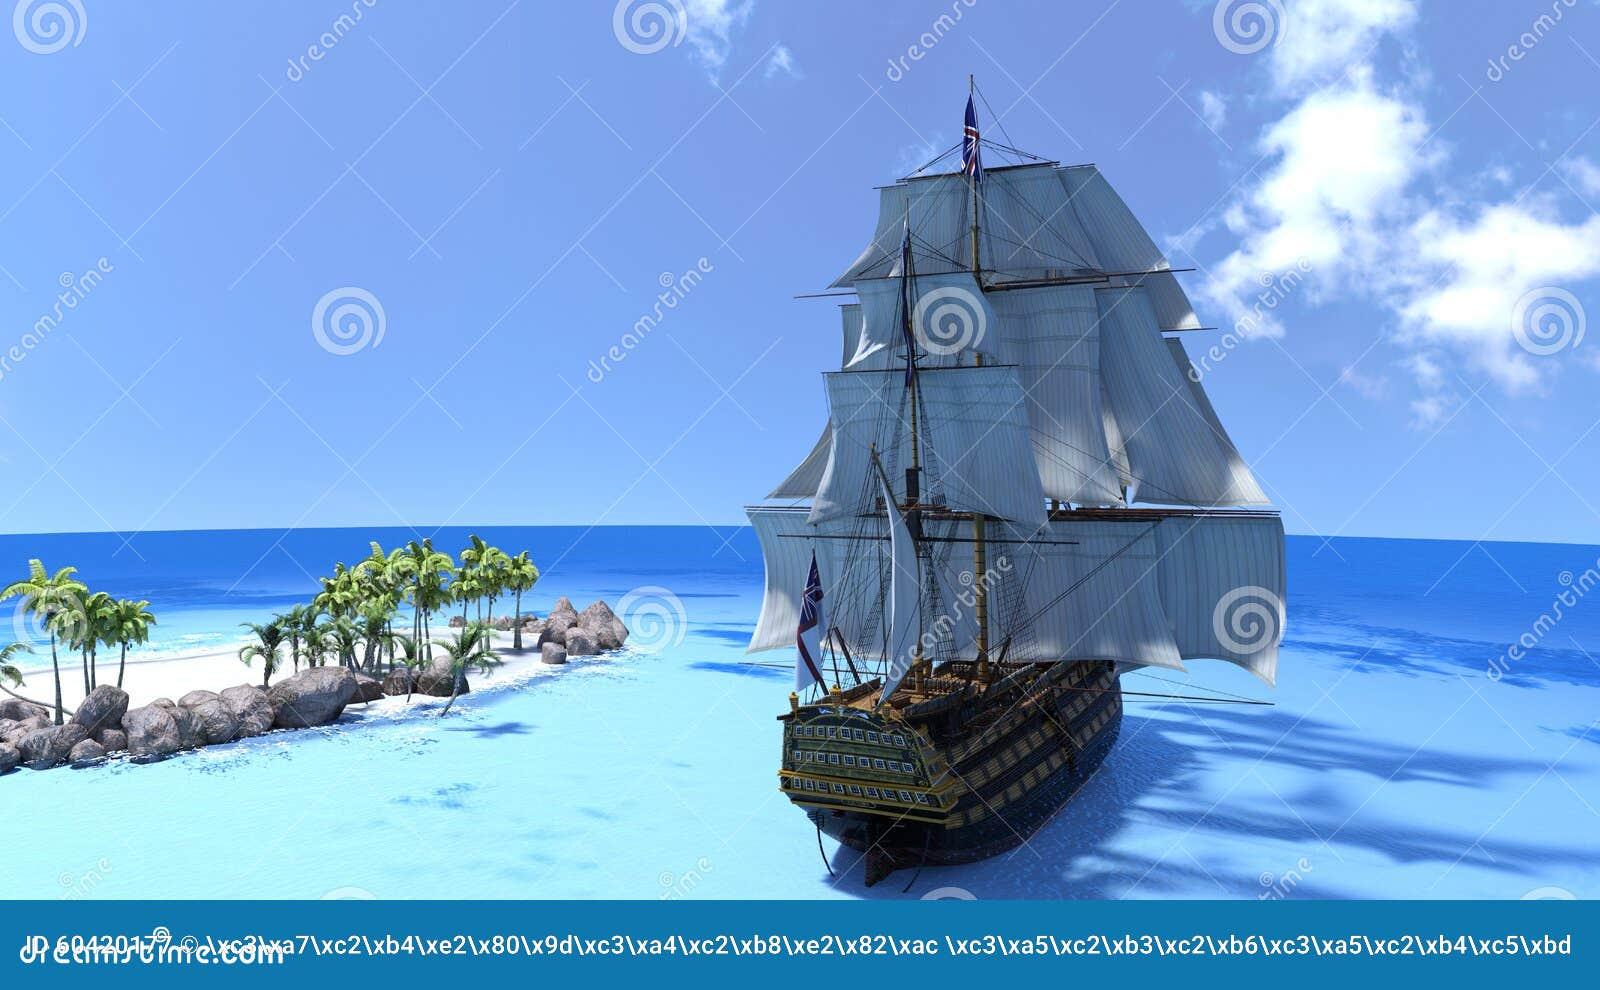 因为背景是蓝色的小船小船可能棍打浮动旅馆图象略写法海洋红色风船航行风帆被传统化的使用的通知游艇黄色的黑暗的等标志